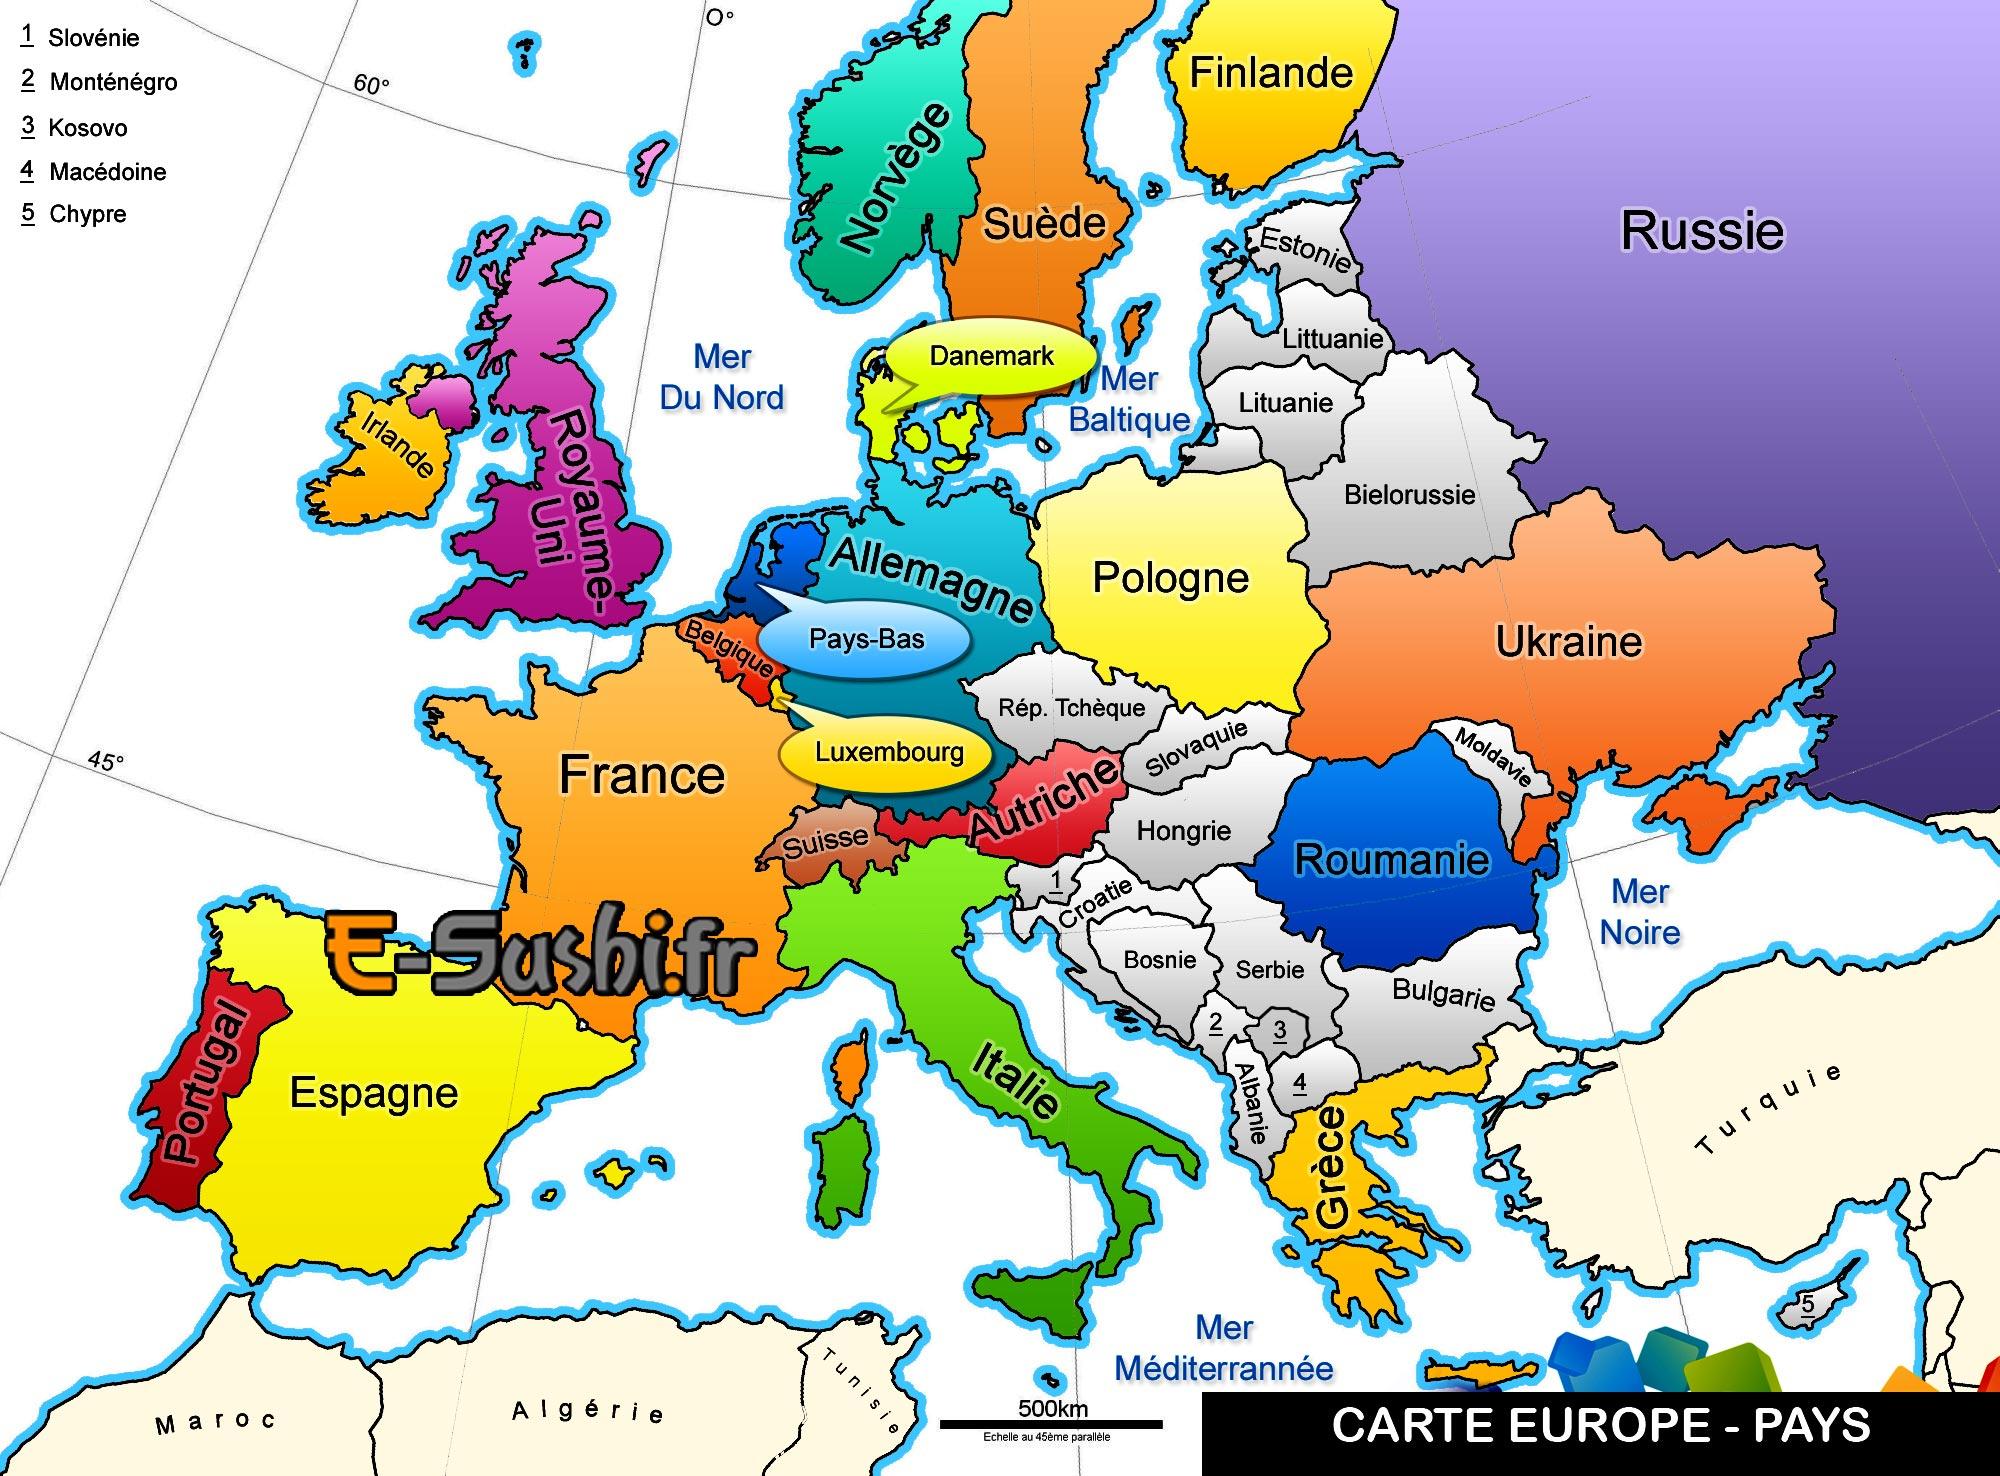 Carte Europe - Géographie Des Pays - Arts Et Voyages intérieur Carte Europe Capitales Et Pays